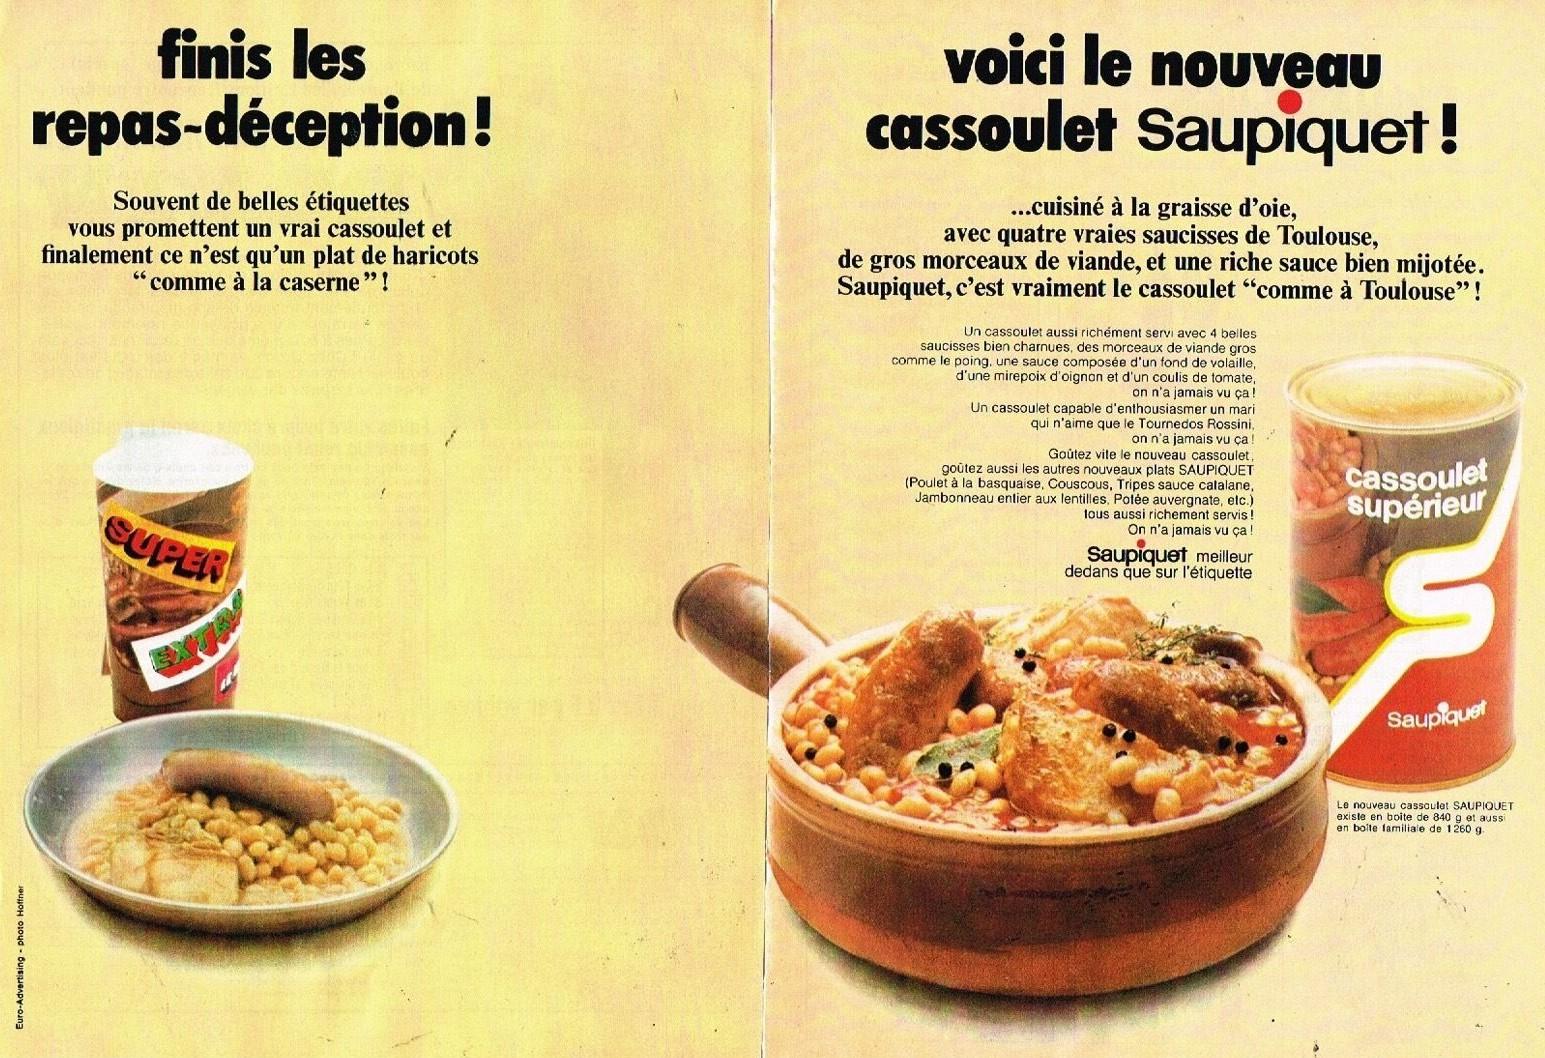 1970 Saupiquet cassoulet